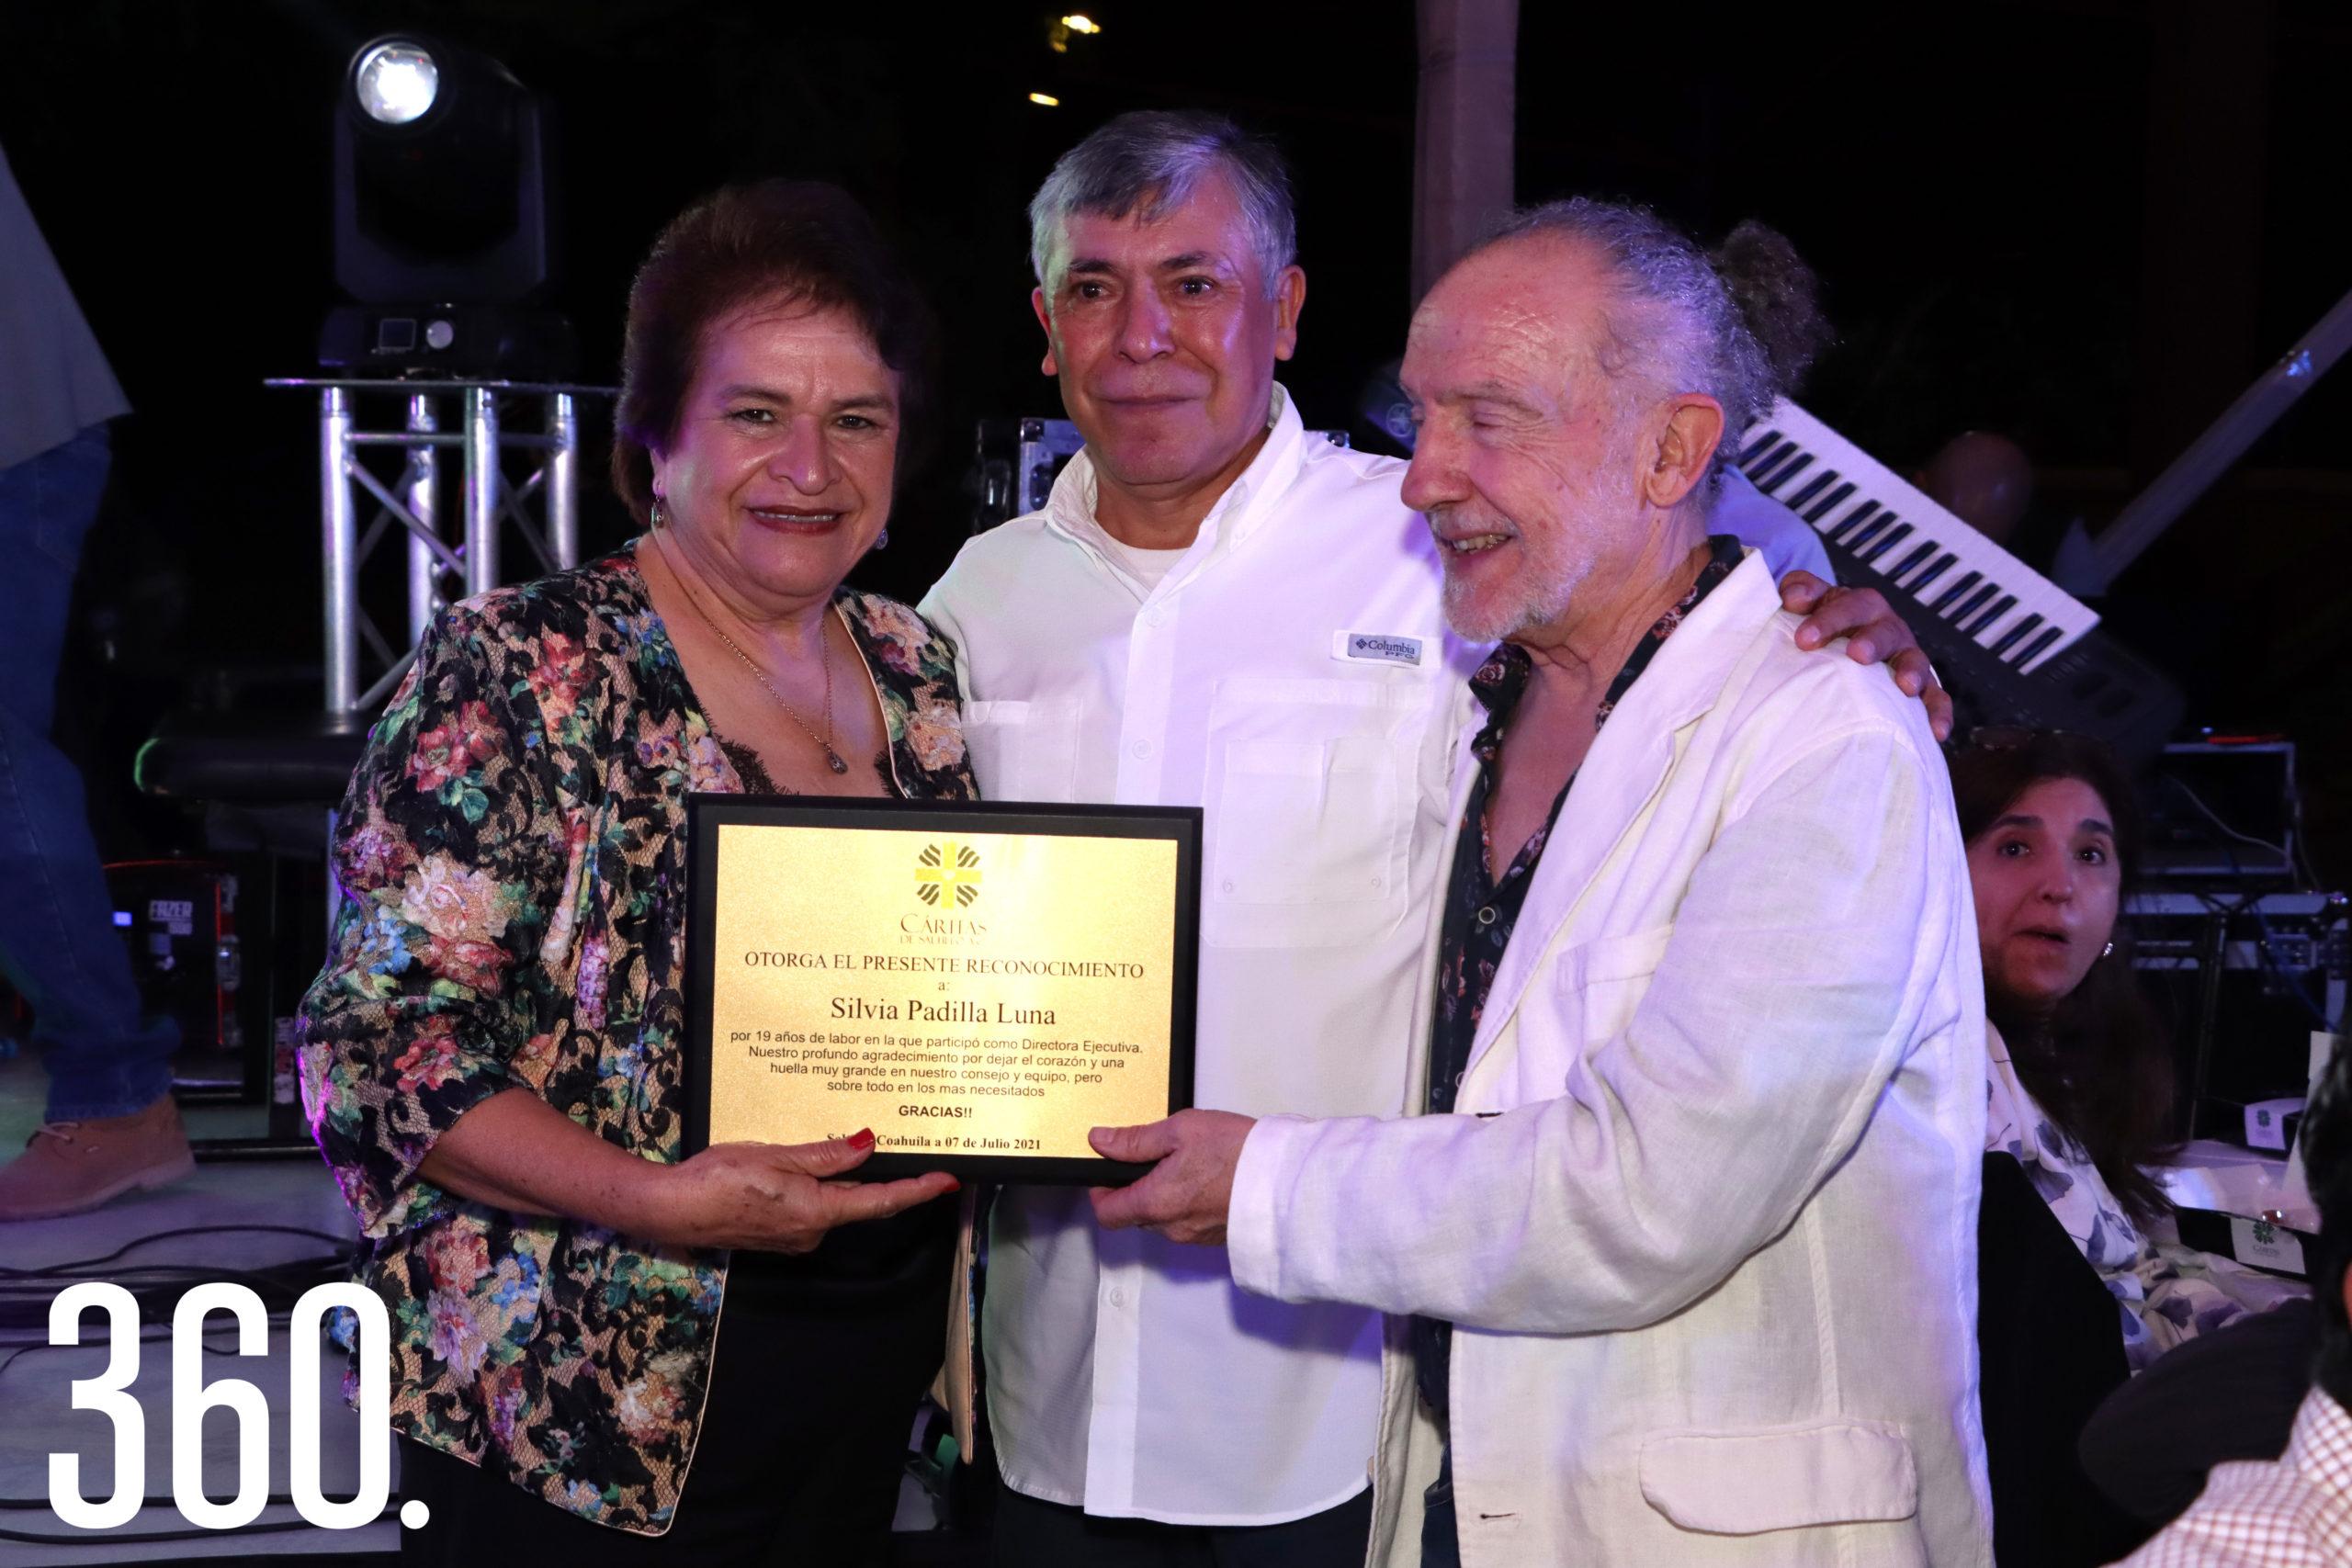 Silvia Padilla Luna recibió una placa por sus 19 años como Directora Ejecutiva de Cáritas de Saltillo durante la velada.